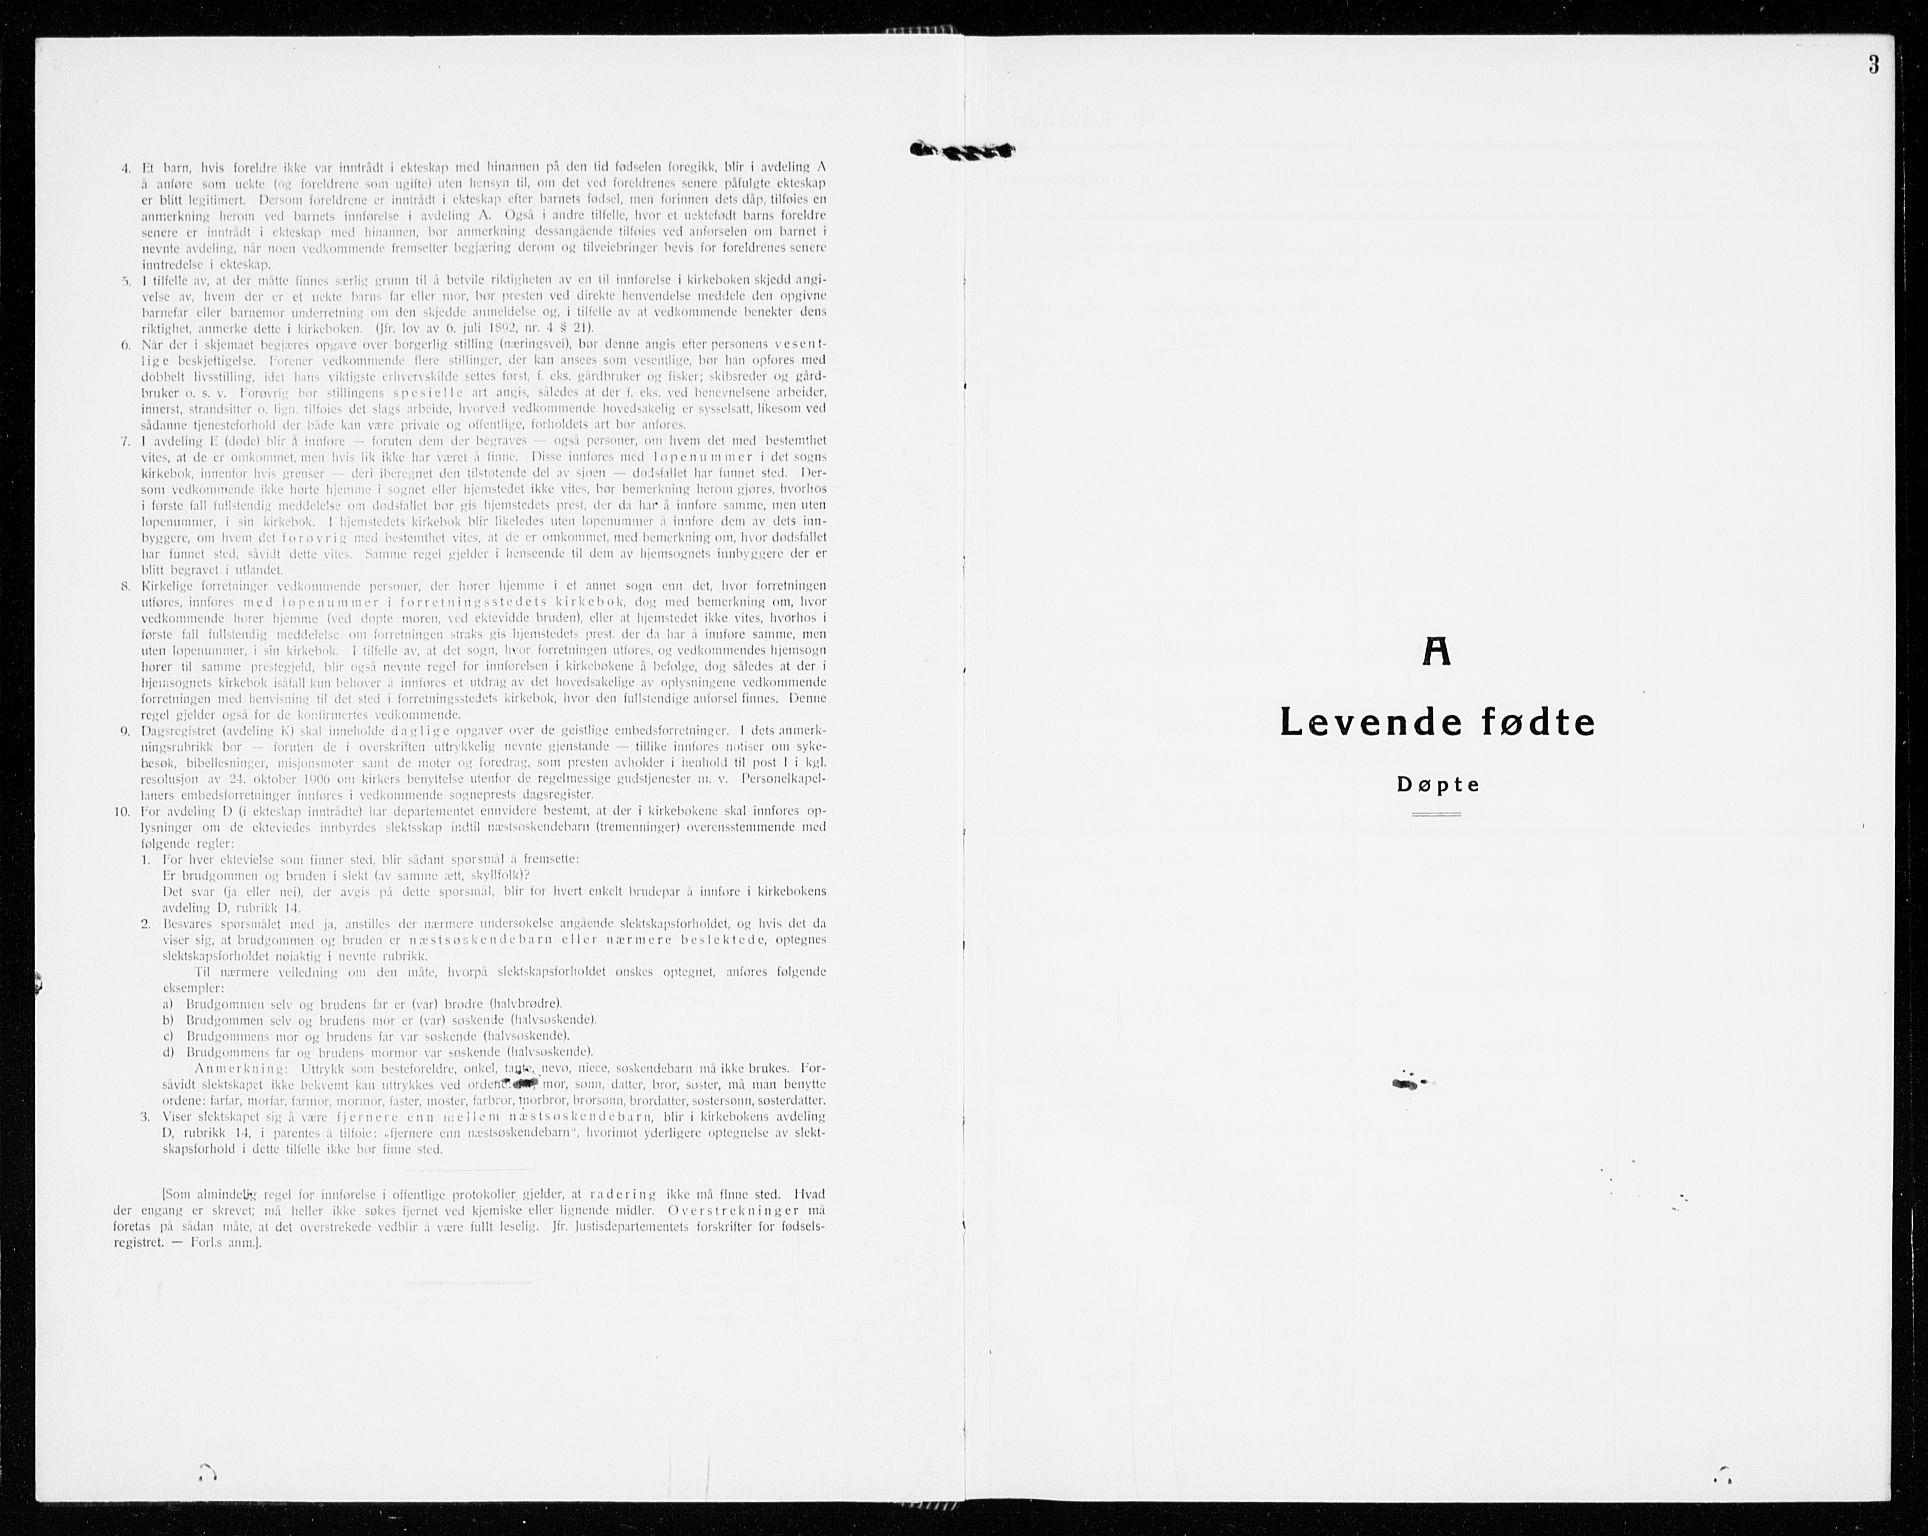 SAKO, Gjerpen kirkebøker, G/Ga/L0005: Klokkerbok nr. I 5, 1932-1940, s. 3